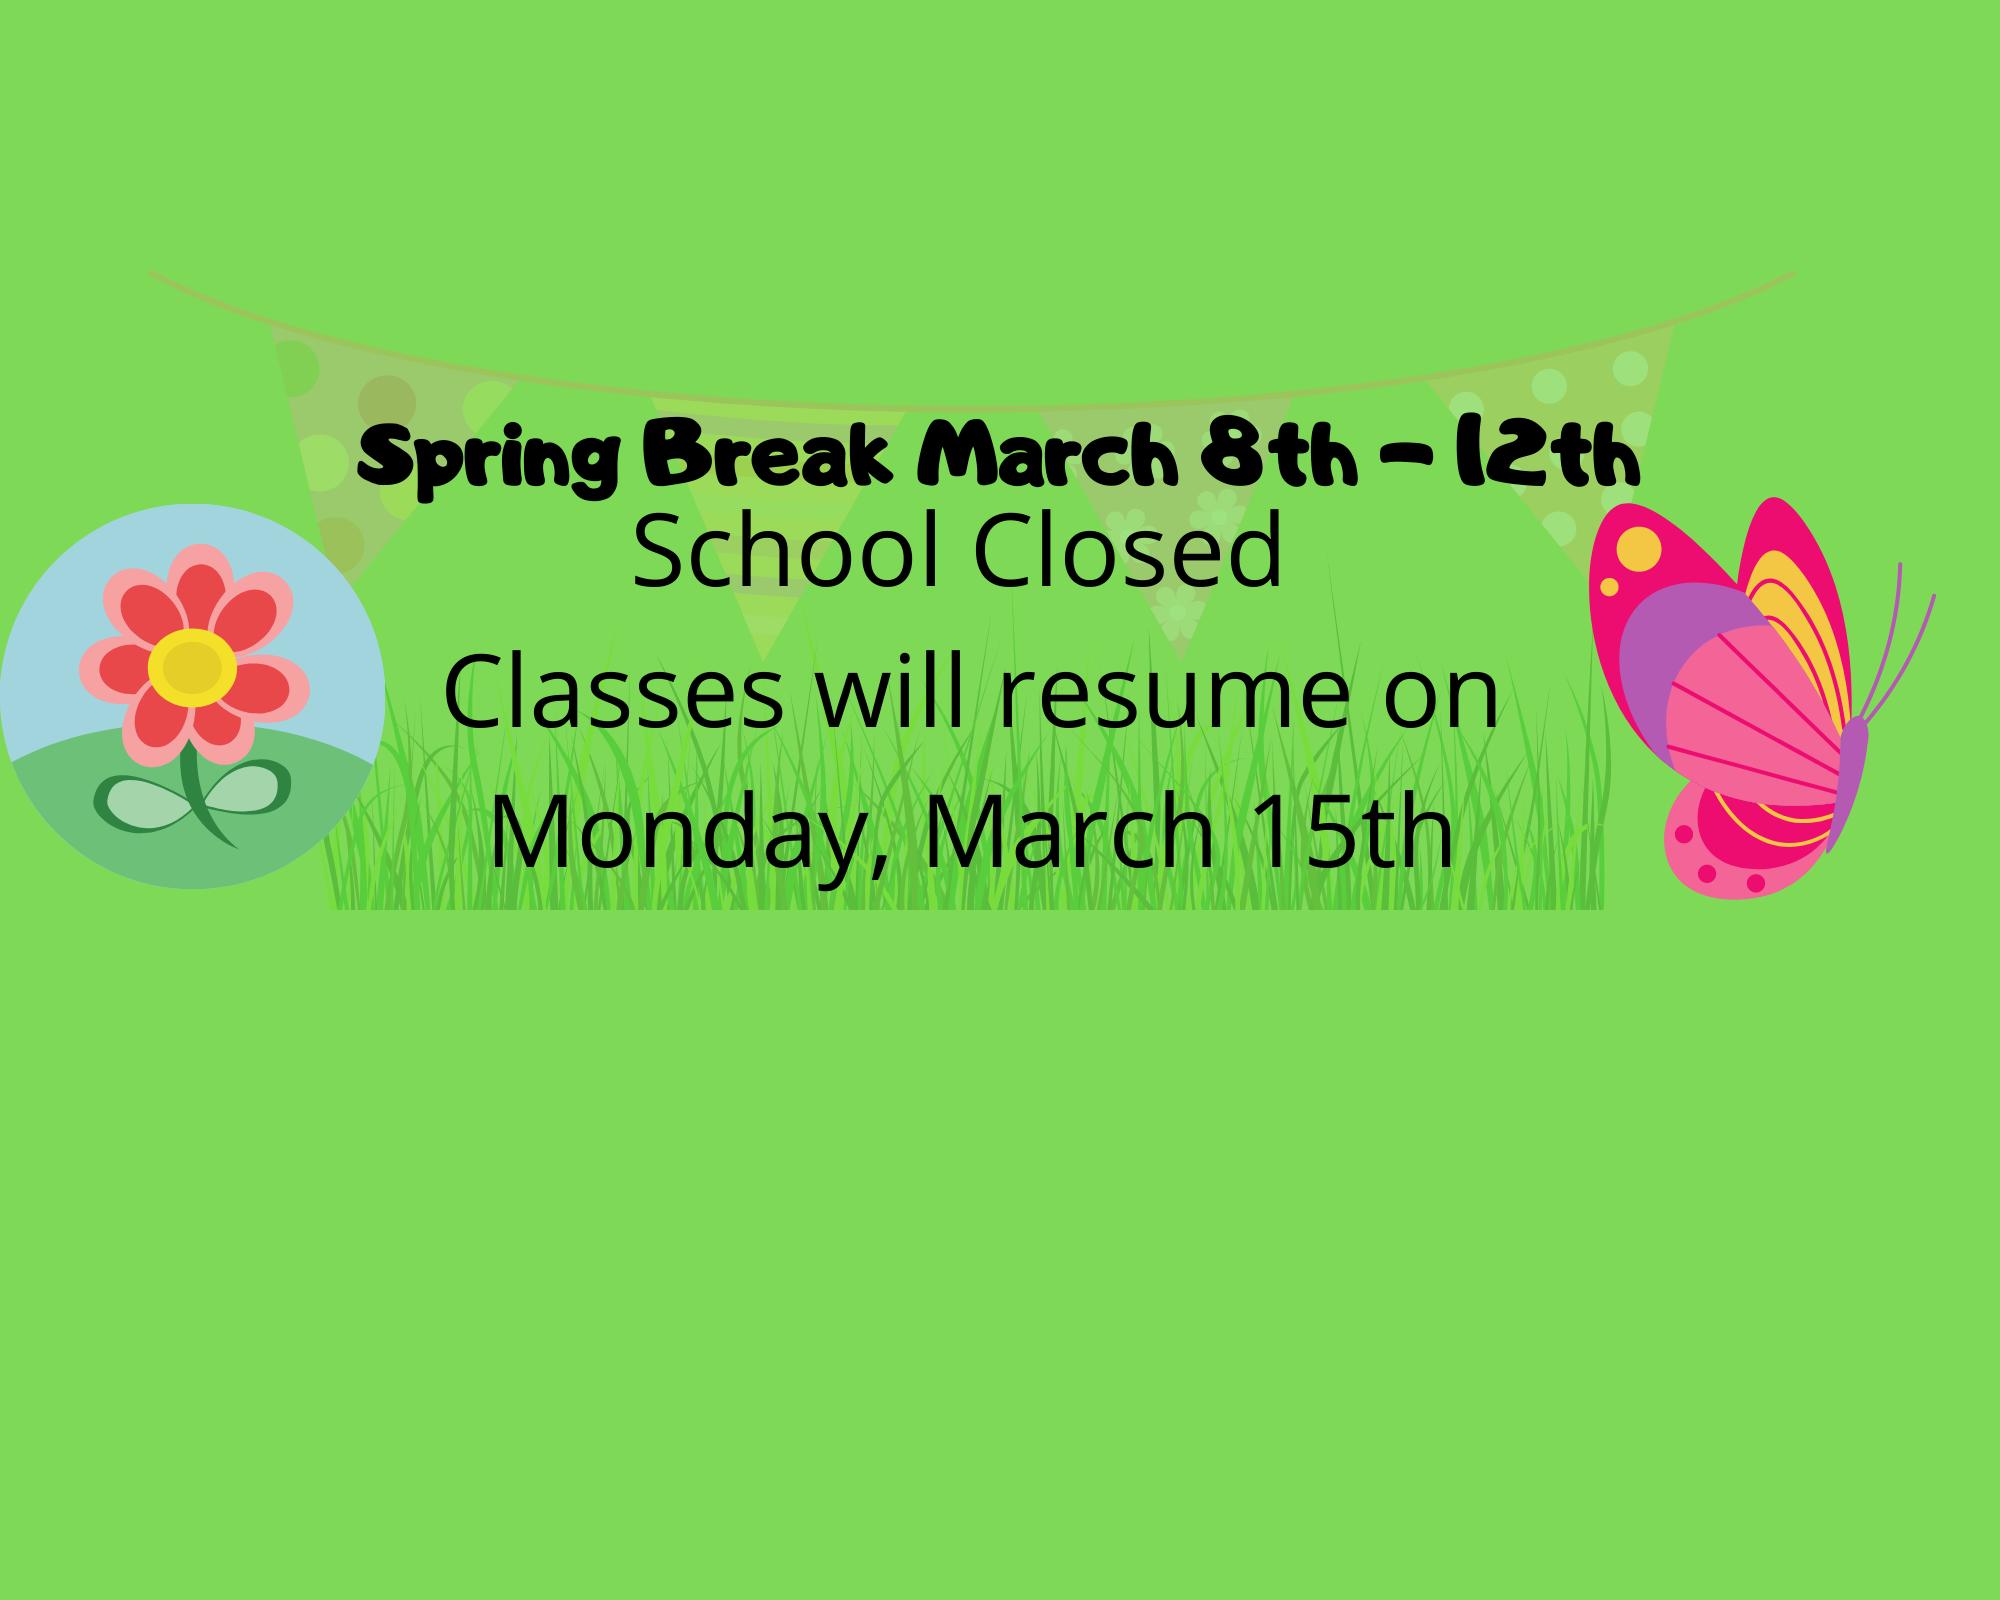 Spring Break March 8th - 12th